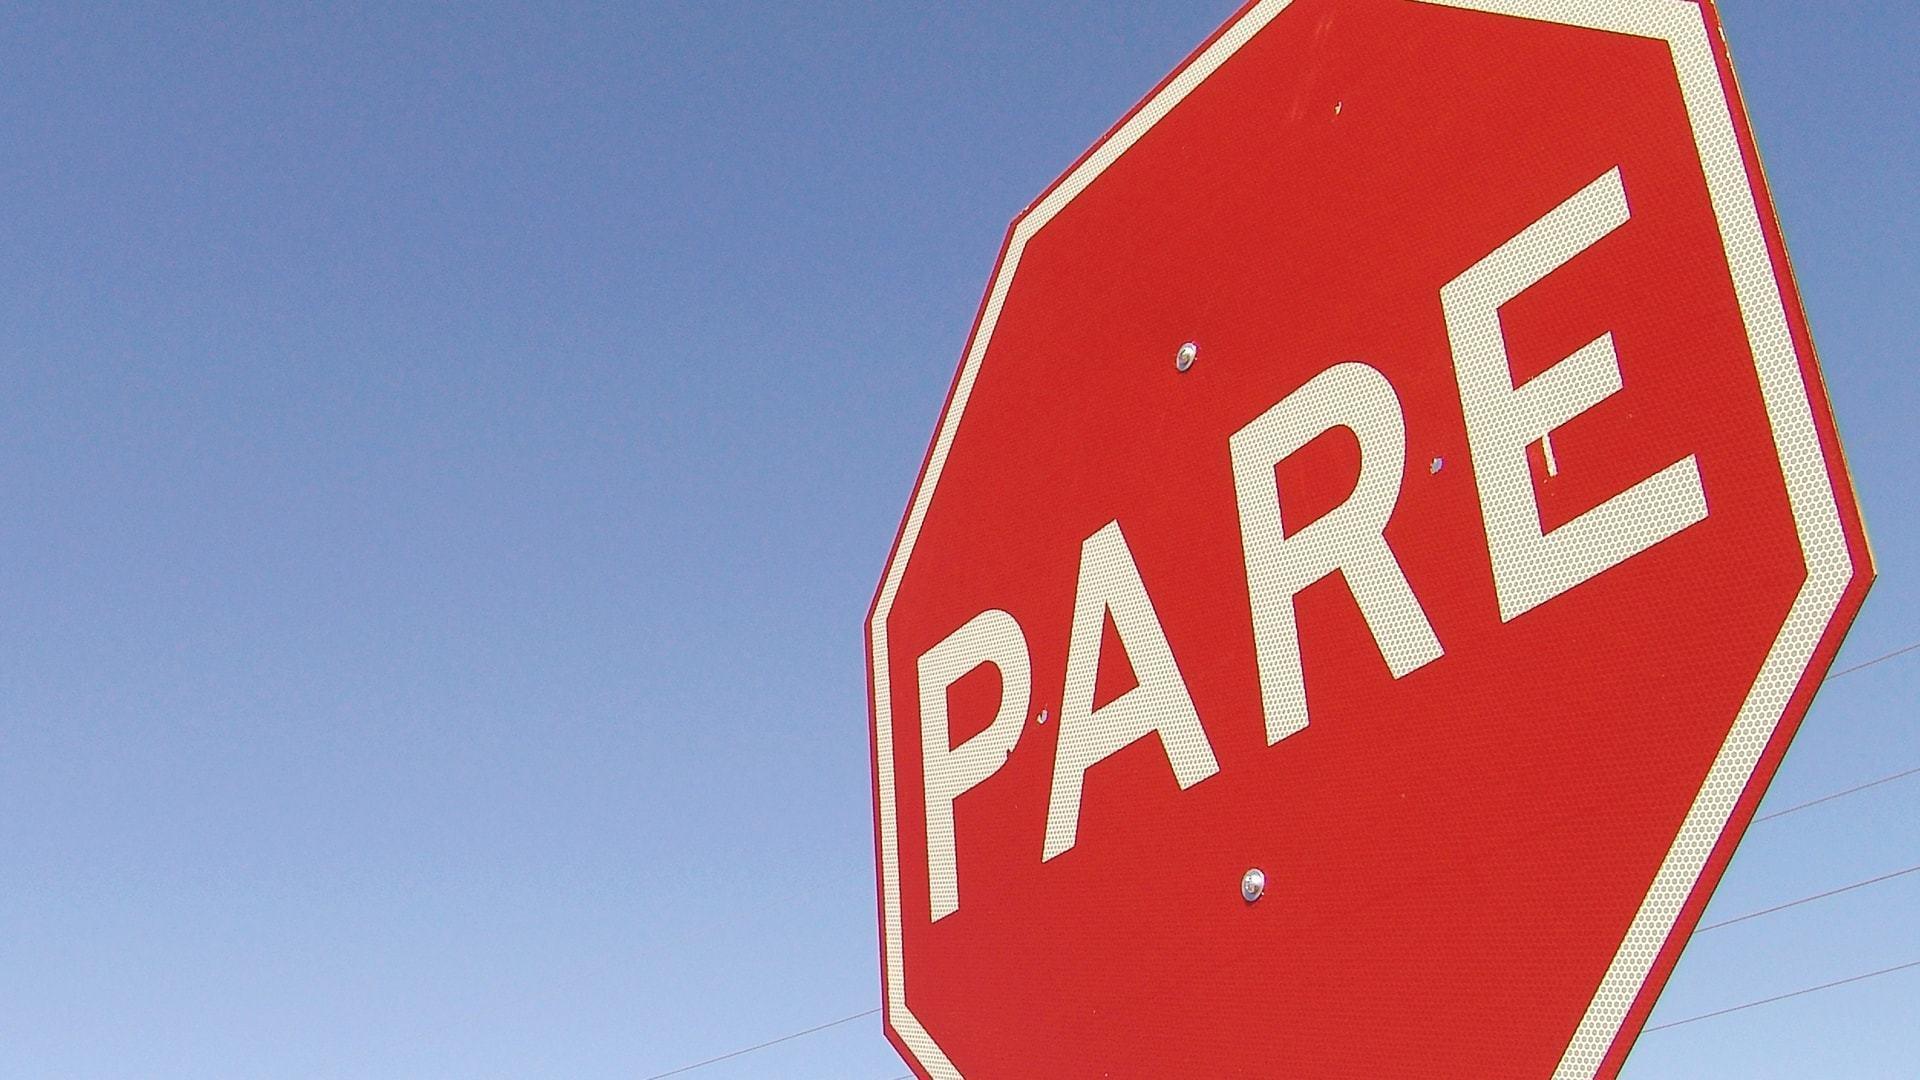 """Placa de trânsito vermelha com a inscrição """"Pare"""" contra um céu azul."""